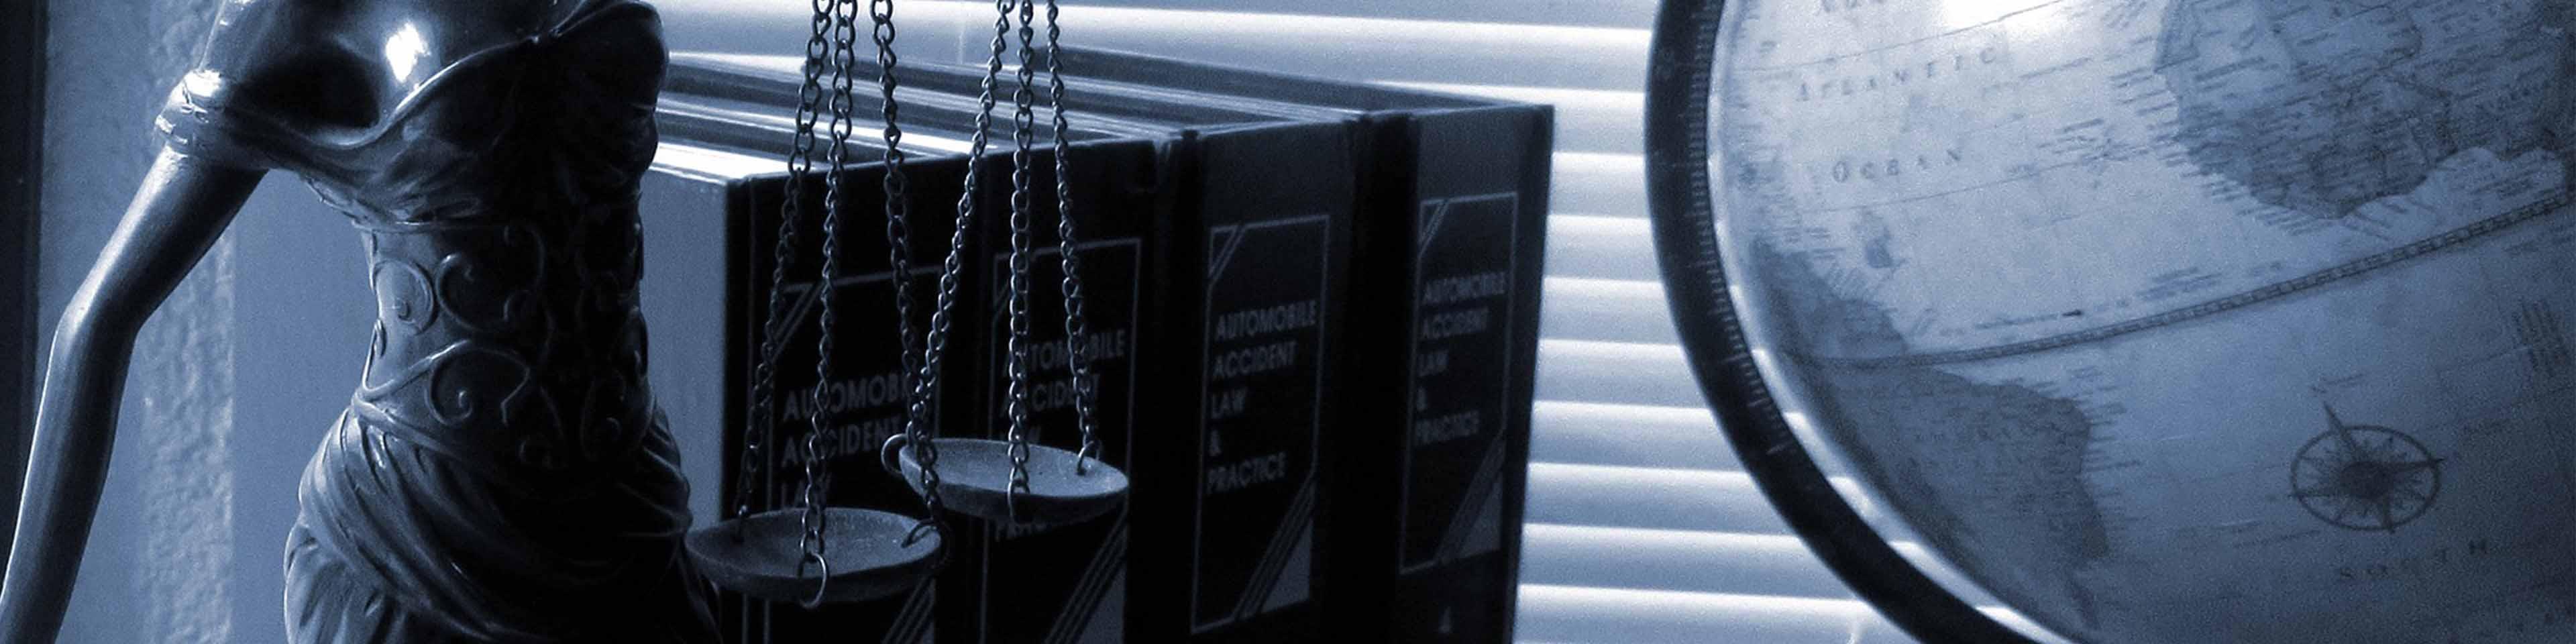 Înfăptuirea justiției, în numele legii